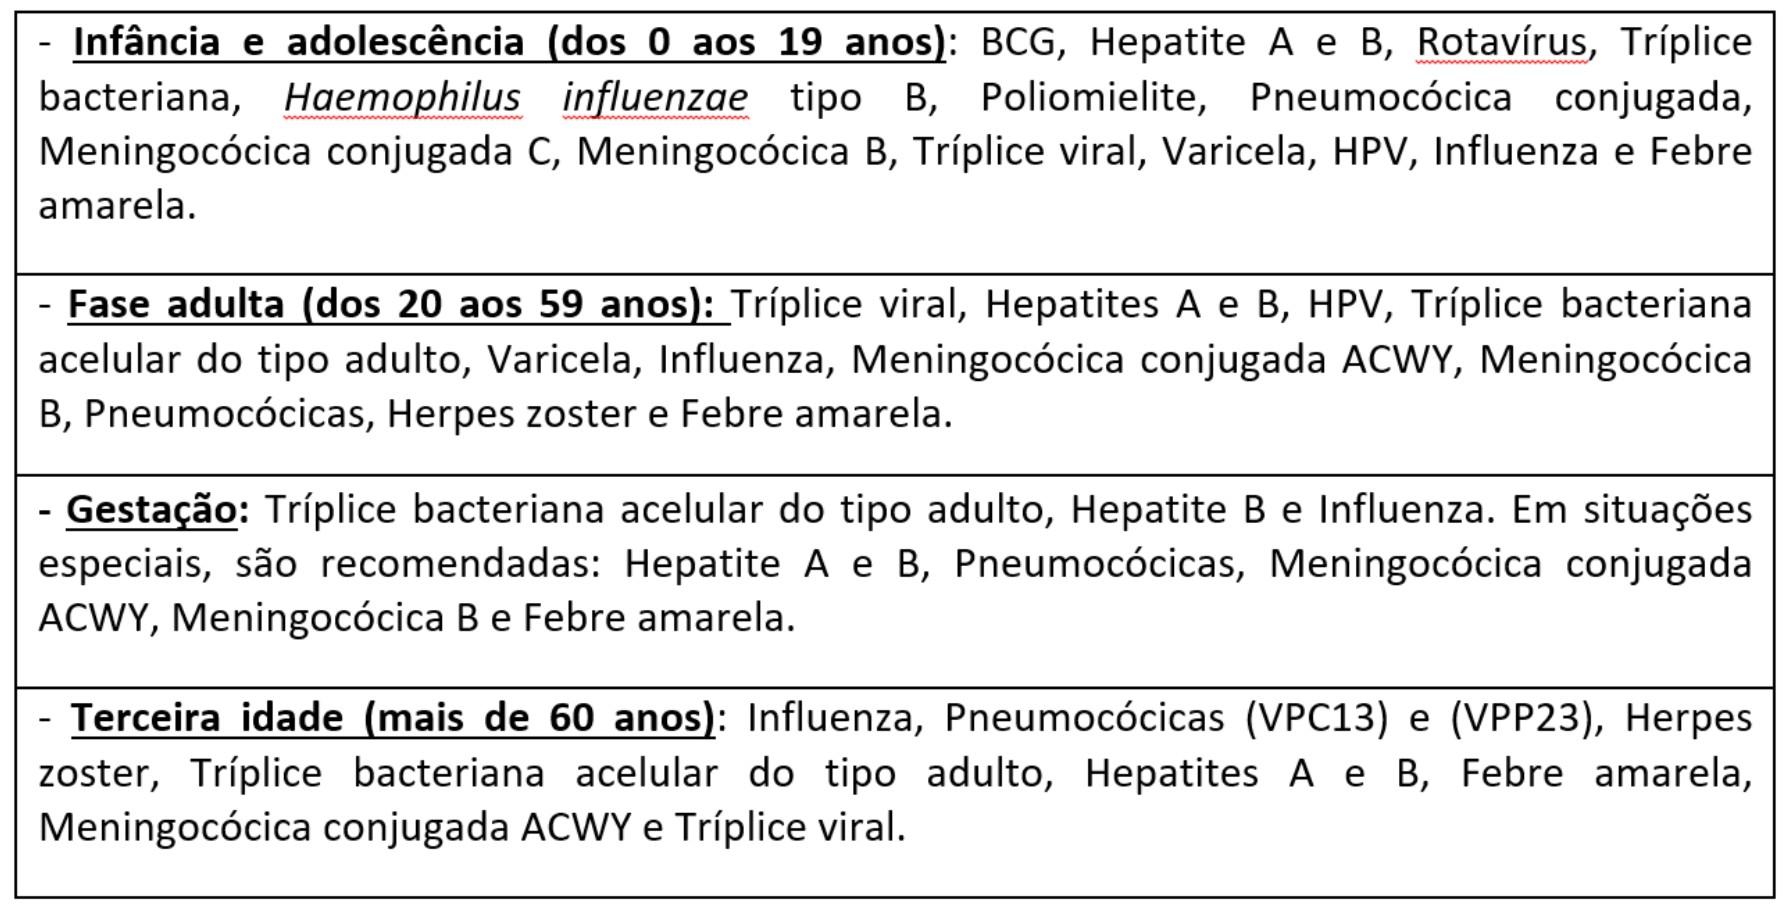 Tabela do artigo de vacinas (12-03-2019)